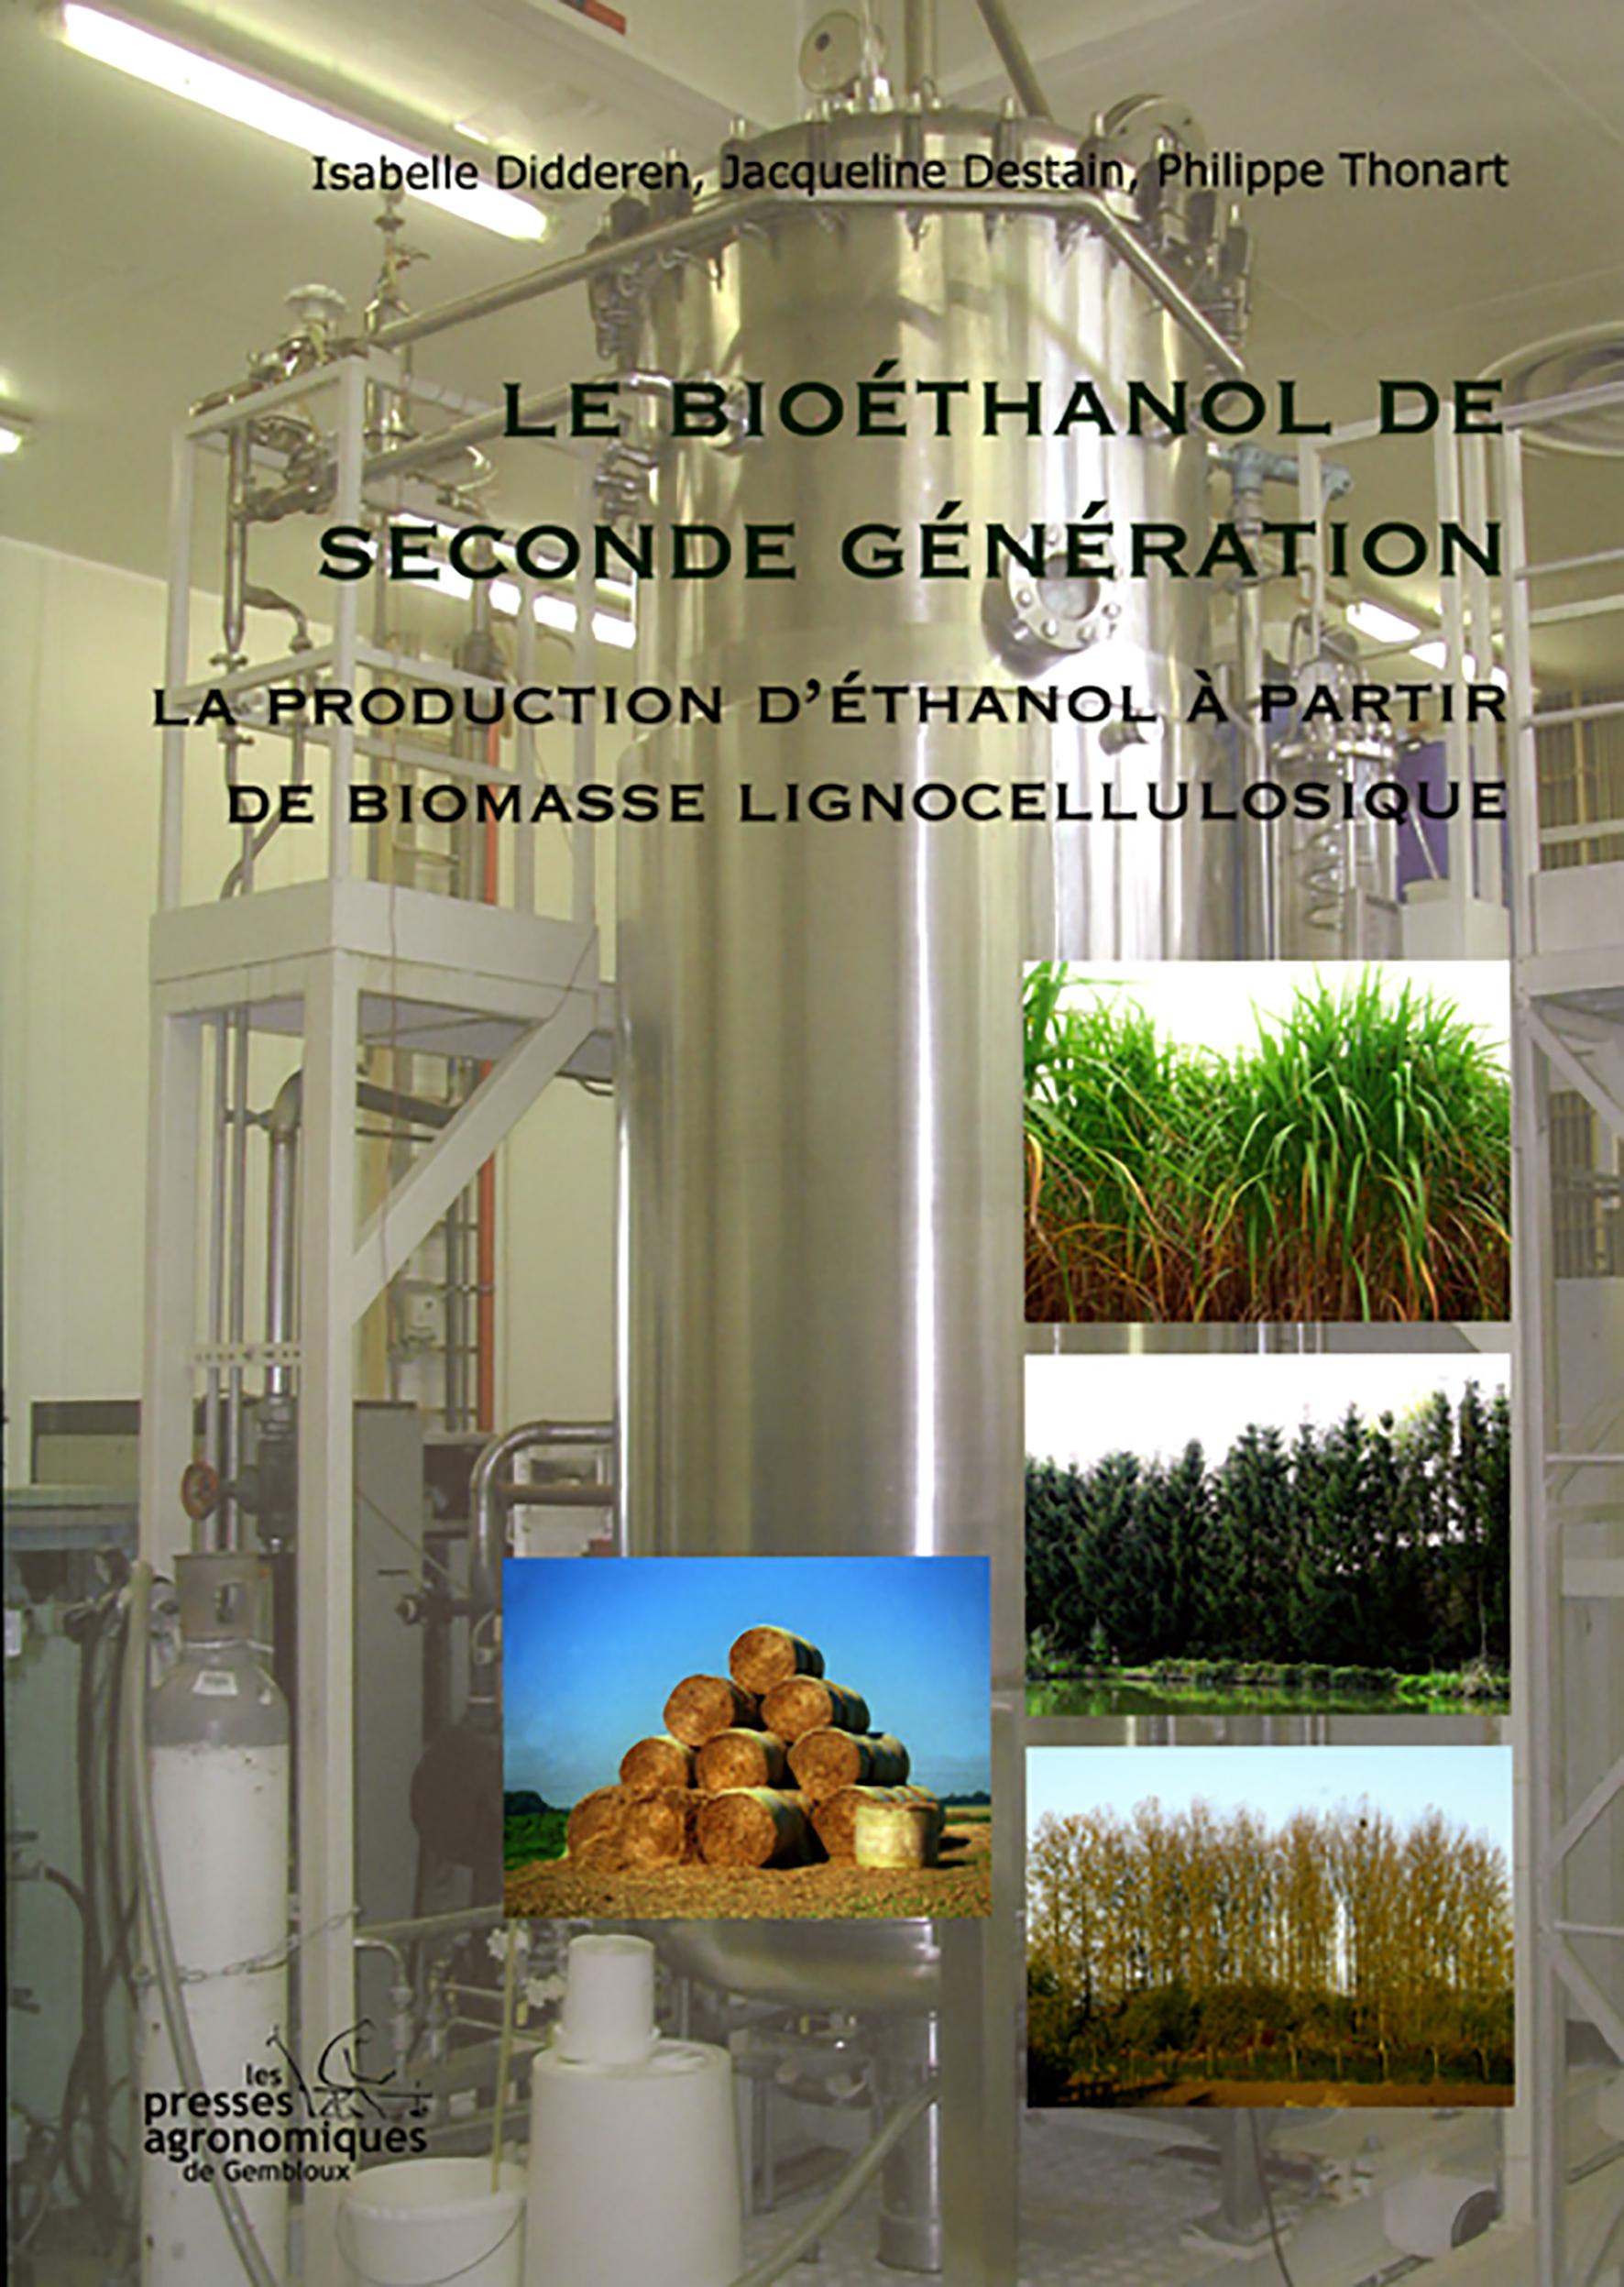 LE BIOETHANOL DE SECONDE GENERATION. LA PRODUCTION D'ETHANOL A PARTIR DE BIOMASSE LIGNOCELLULOSIQUE